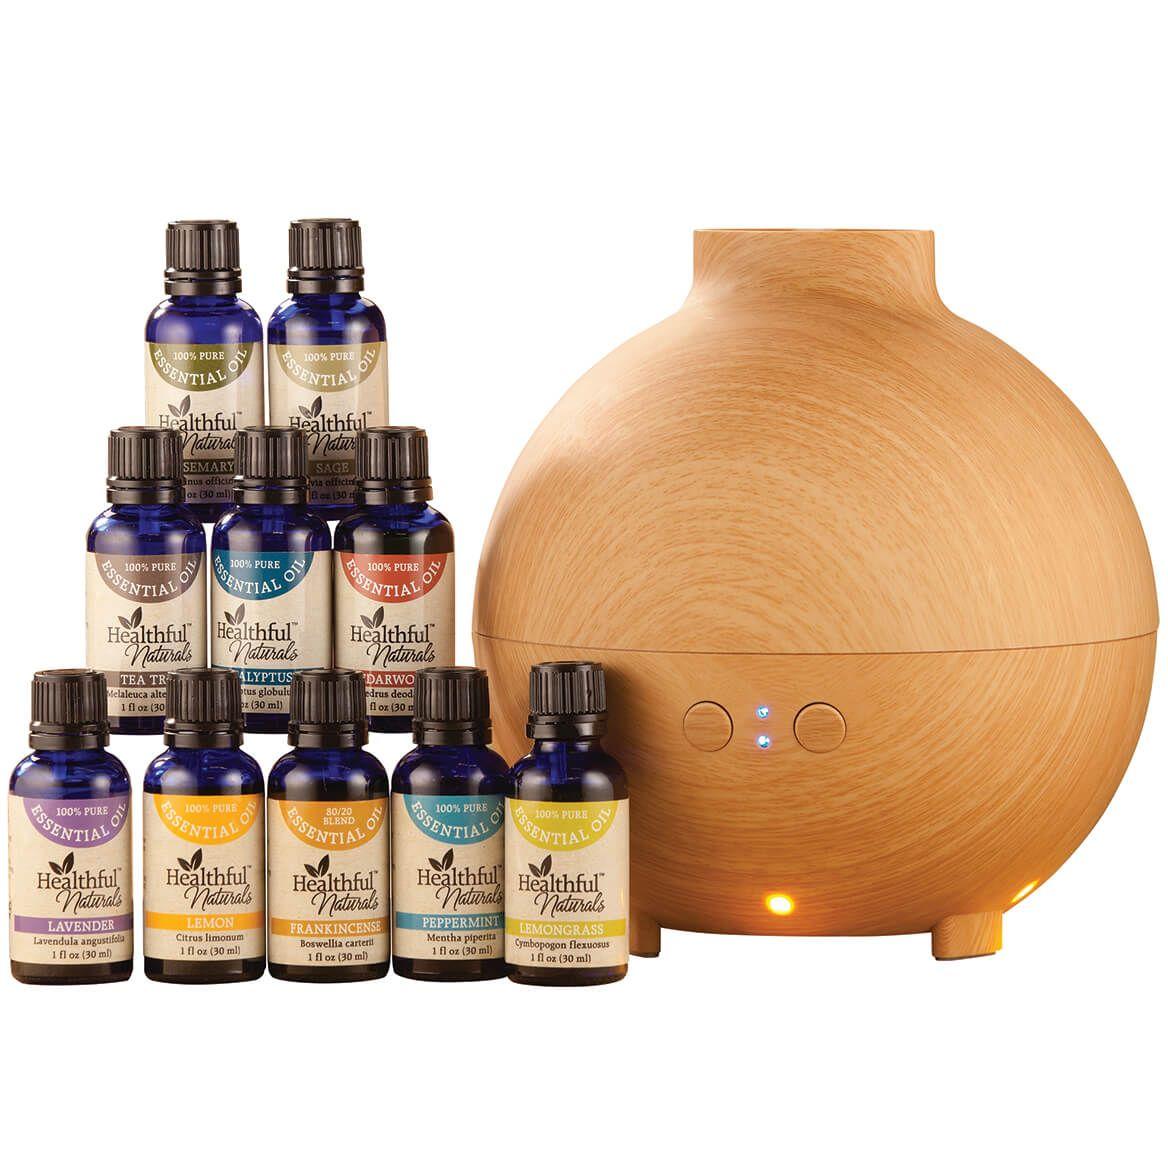 Healthful™ Naturals Premium Essential Oil Kit & 600 ml Diffuser-356695